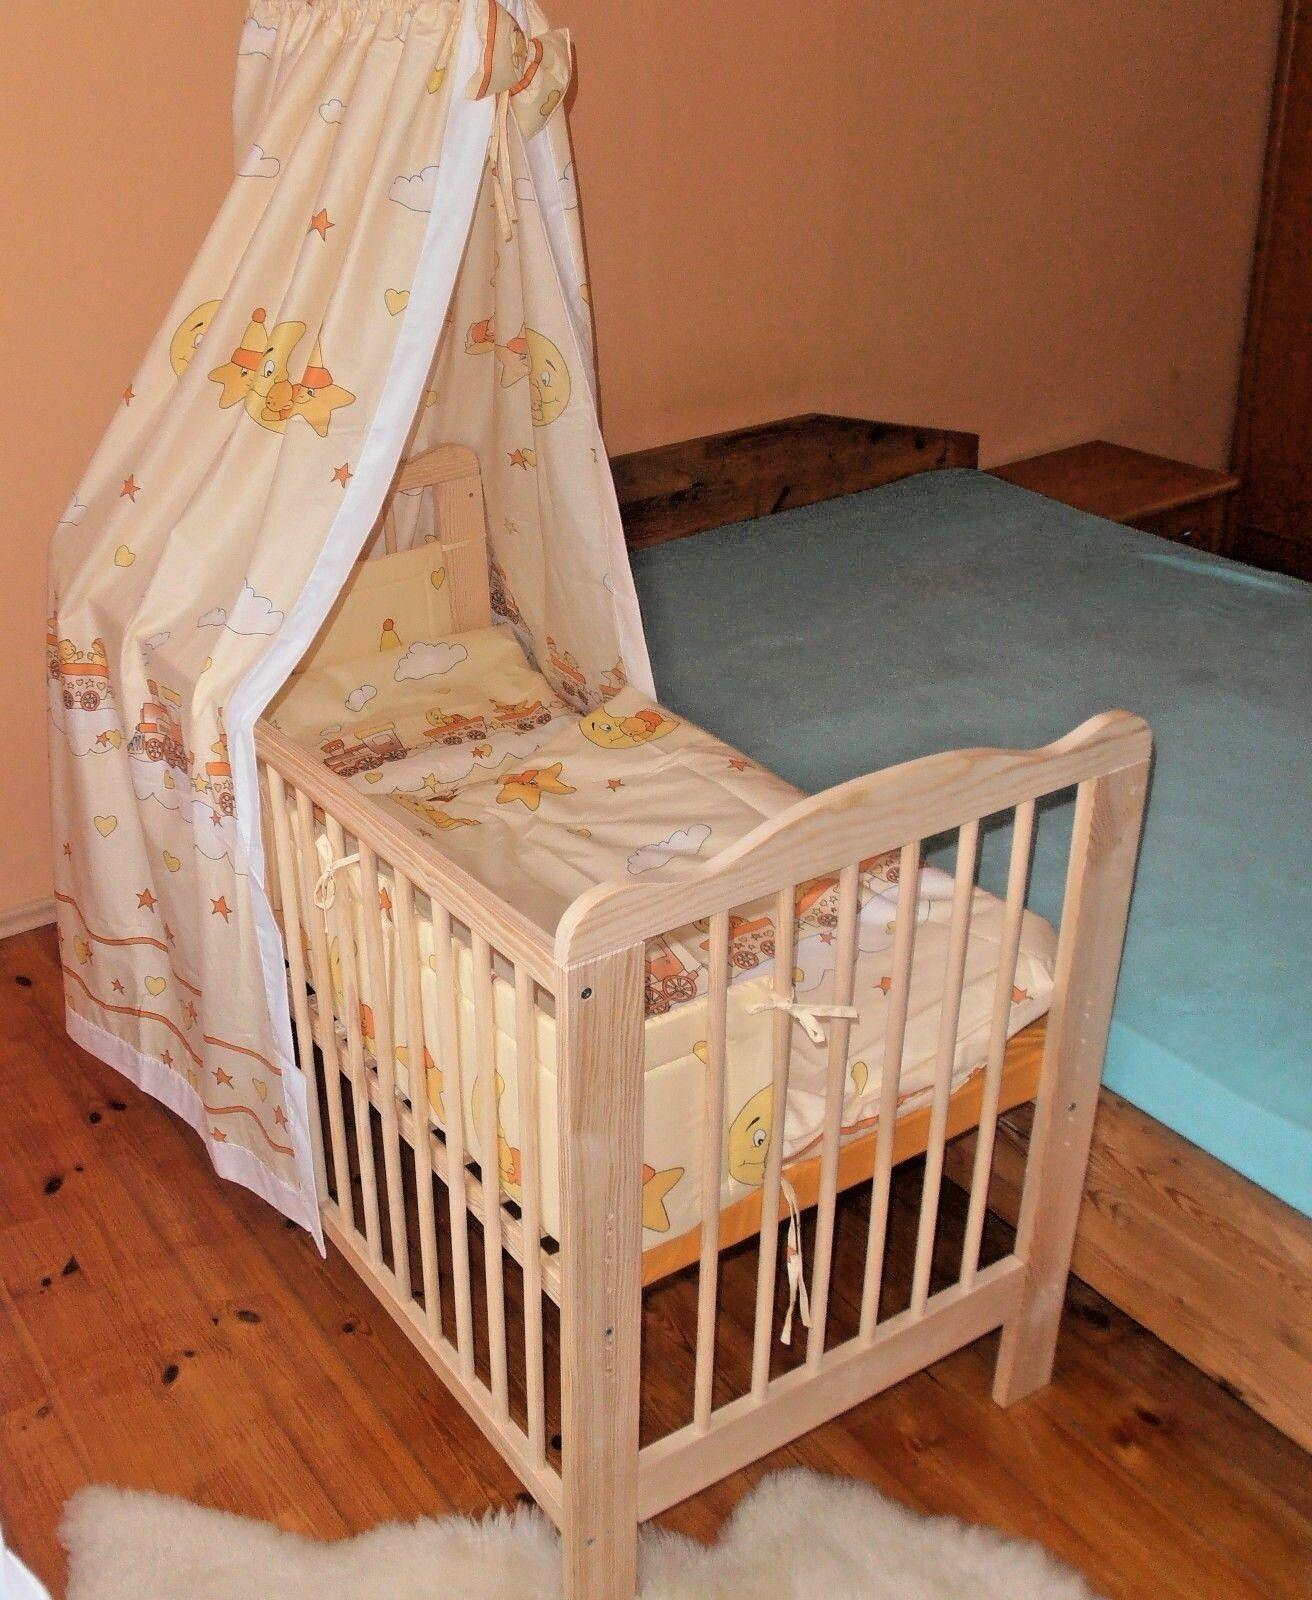 Beistellbett Komplett Set Babybett Komplett Set Gitterbett 5 Farben  Massivholz